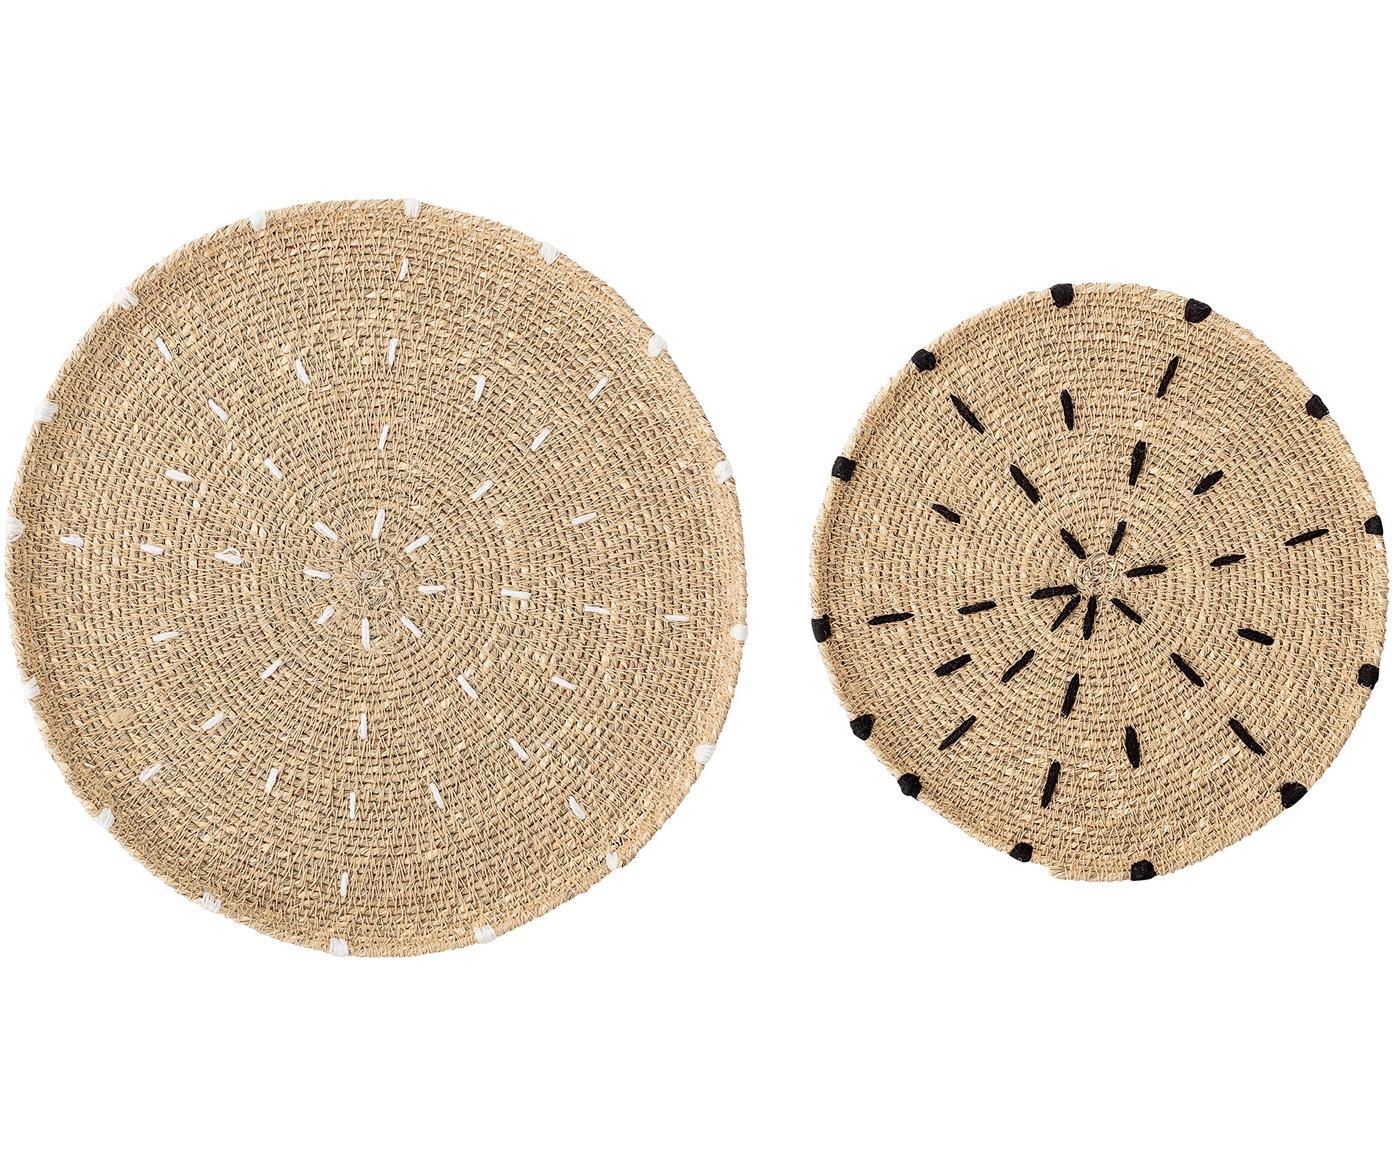 Runde Seegras-Tischsets Deco, 2er Set, Seegras, Beige, Weiss, Schwarz, Verschiedene Grössen